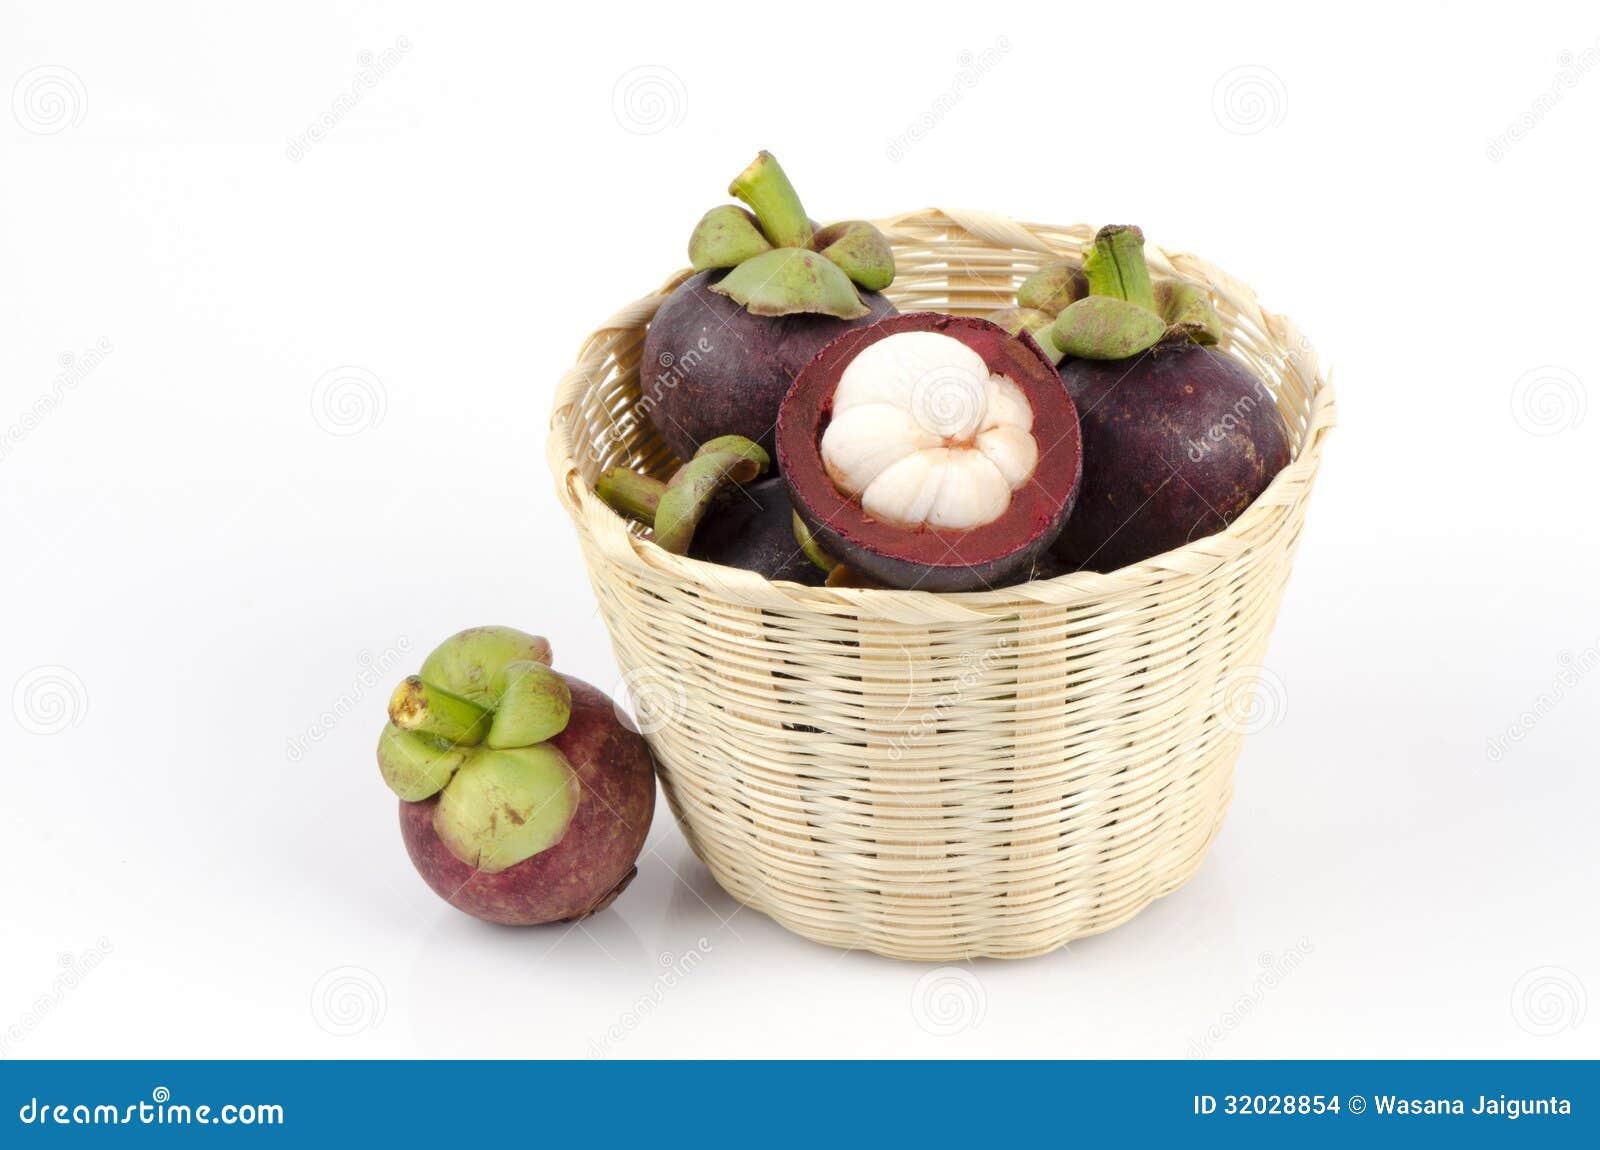 山竹藤黄(女王mangostanalinn.)王后的新语/果树世说果子优秀教学设计图片